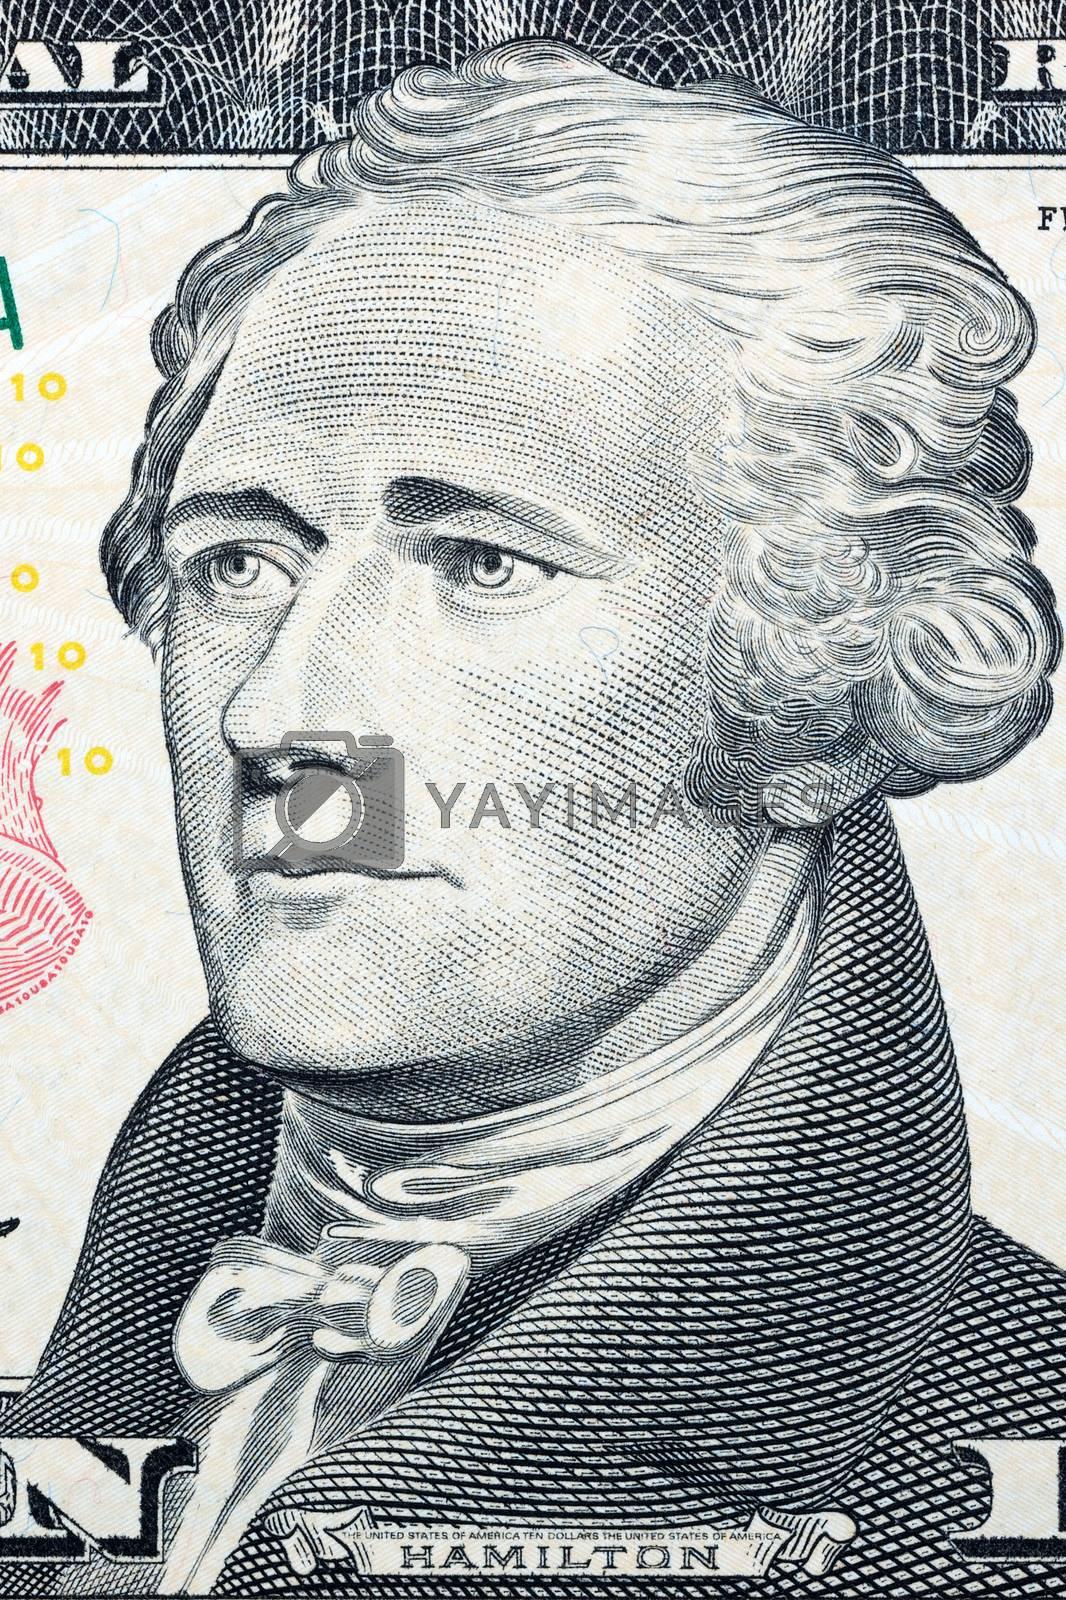 Alexander Hamilton, portrait on US ten dollars